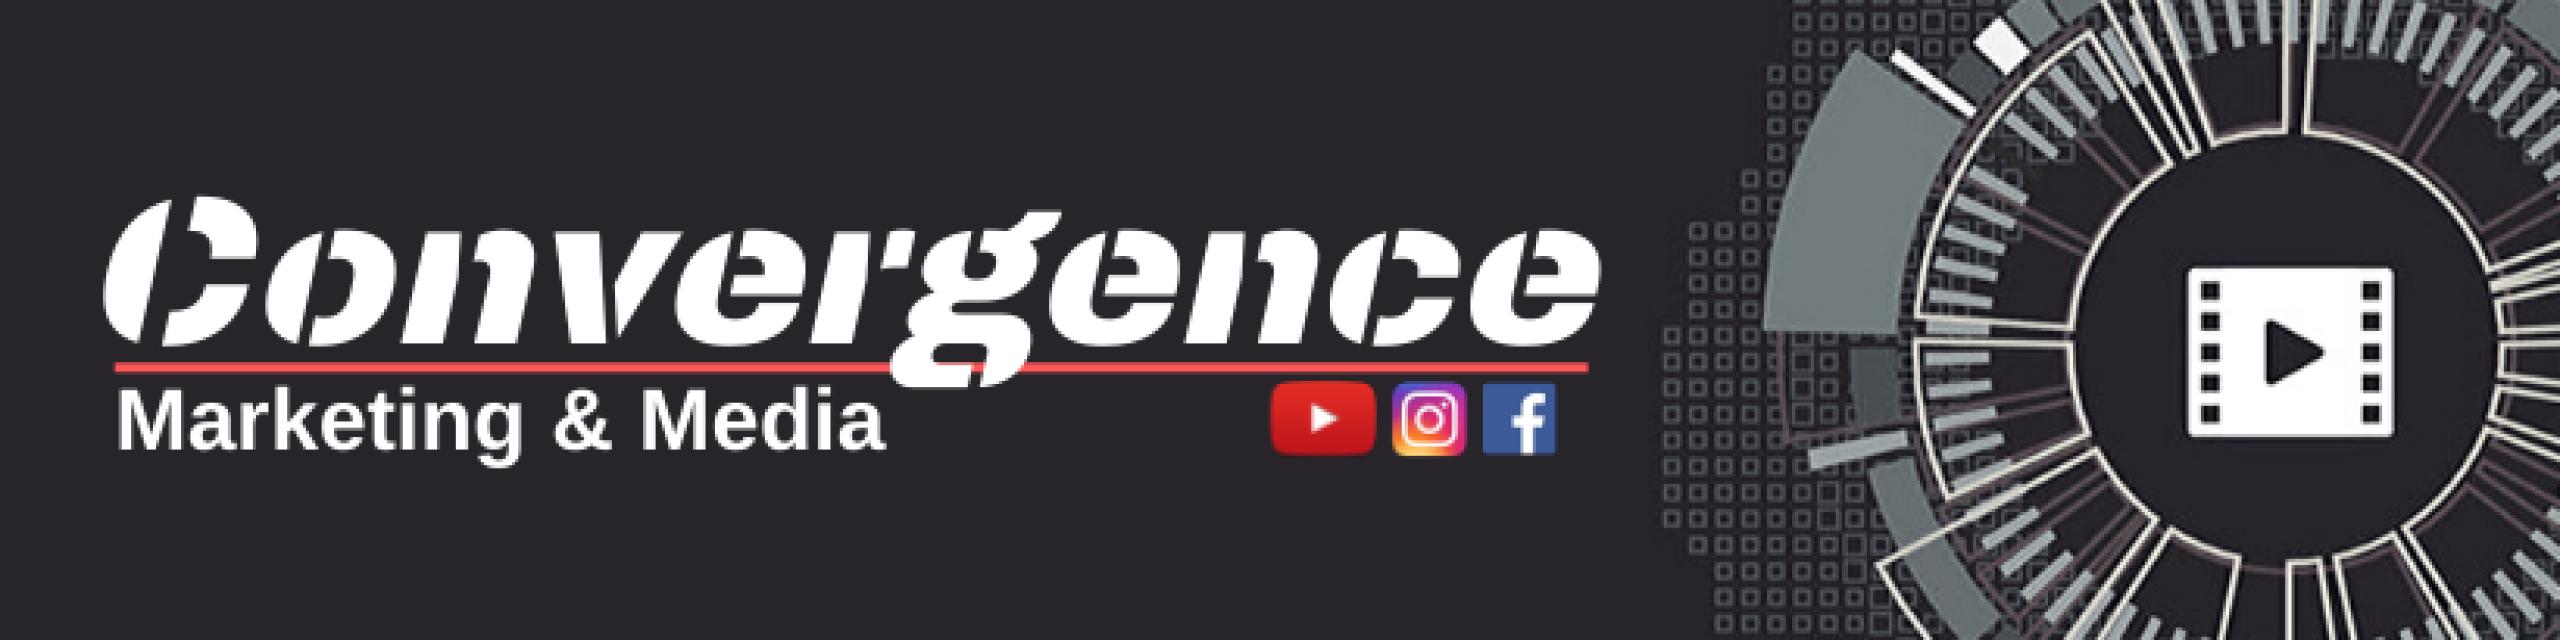 Converge Media